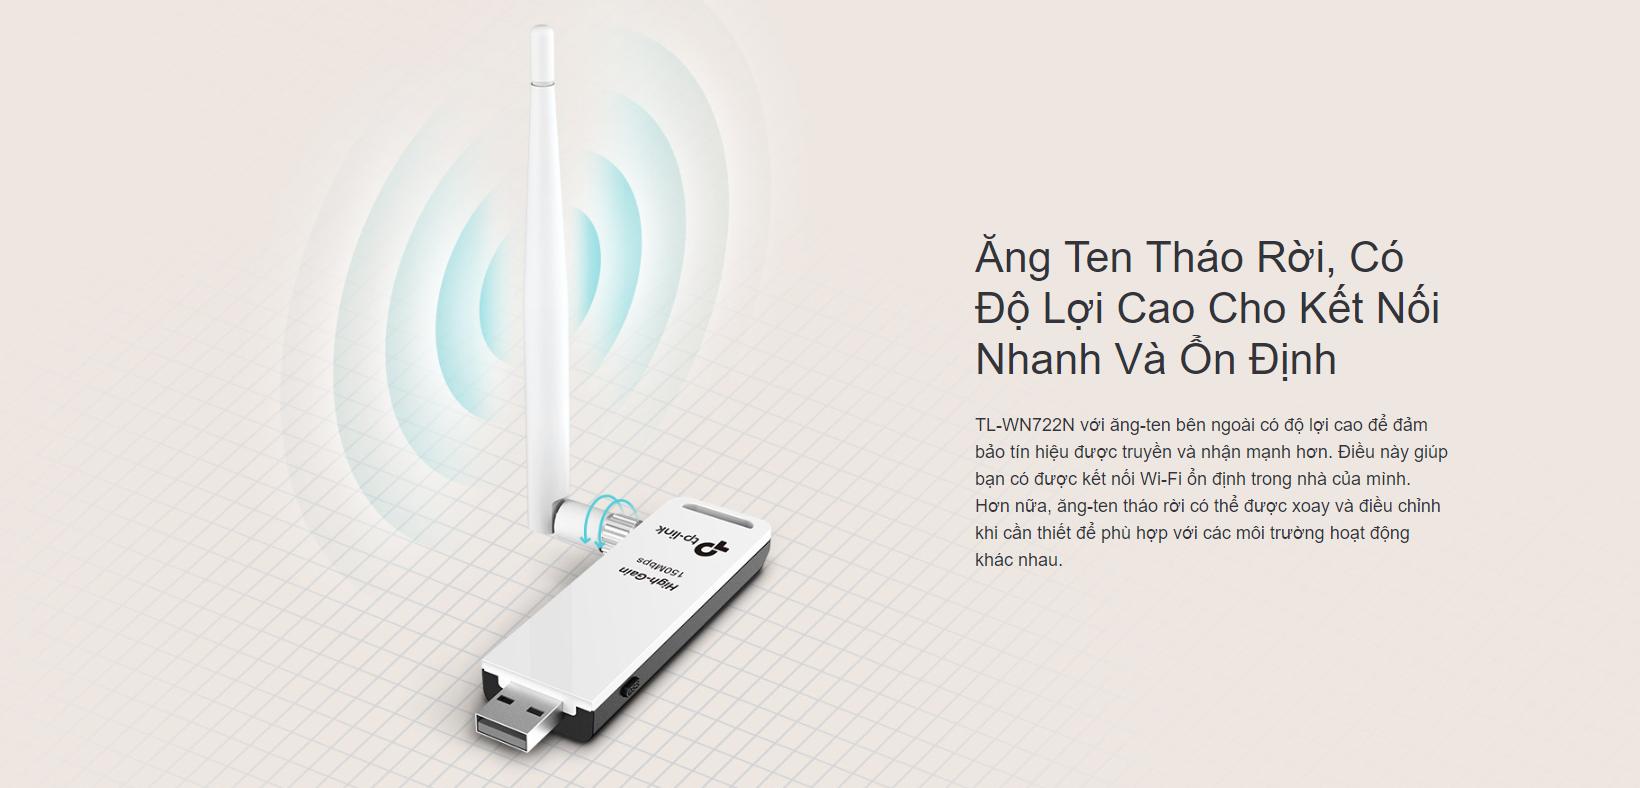 Card Mạng TPlink TL-WN722N USB Wireless